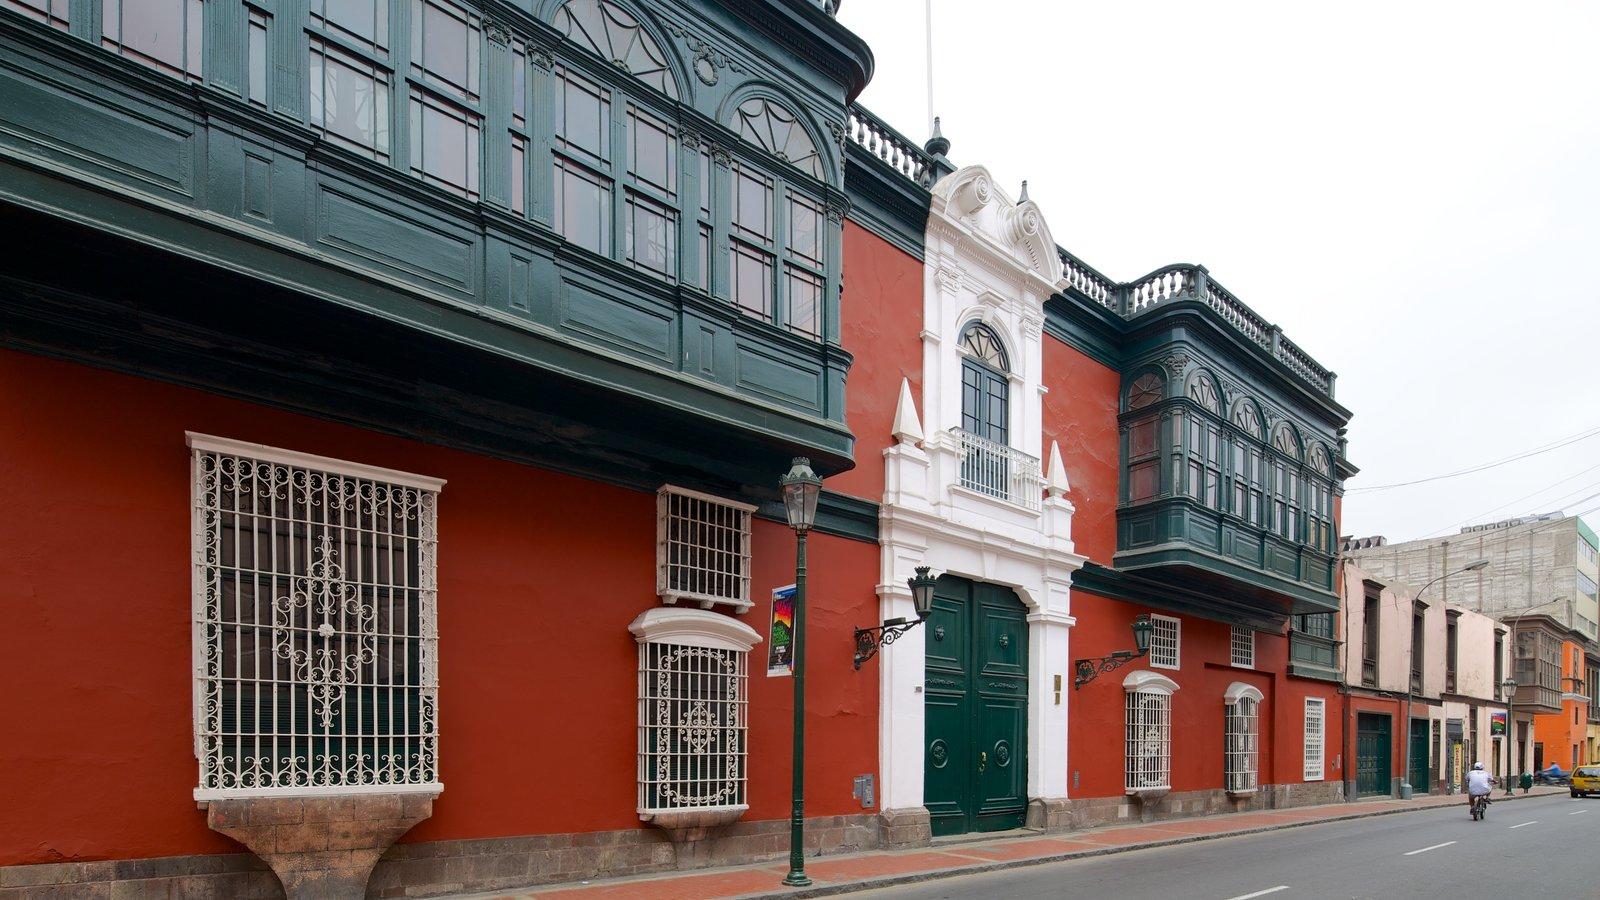 Centro de Lima mostrando uma casa, cenas de rua e arquitetura de patrimônio